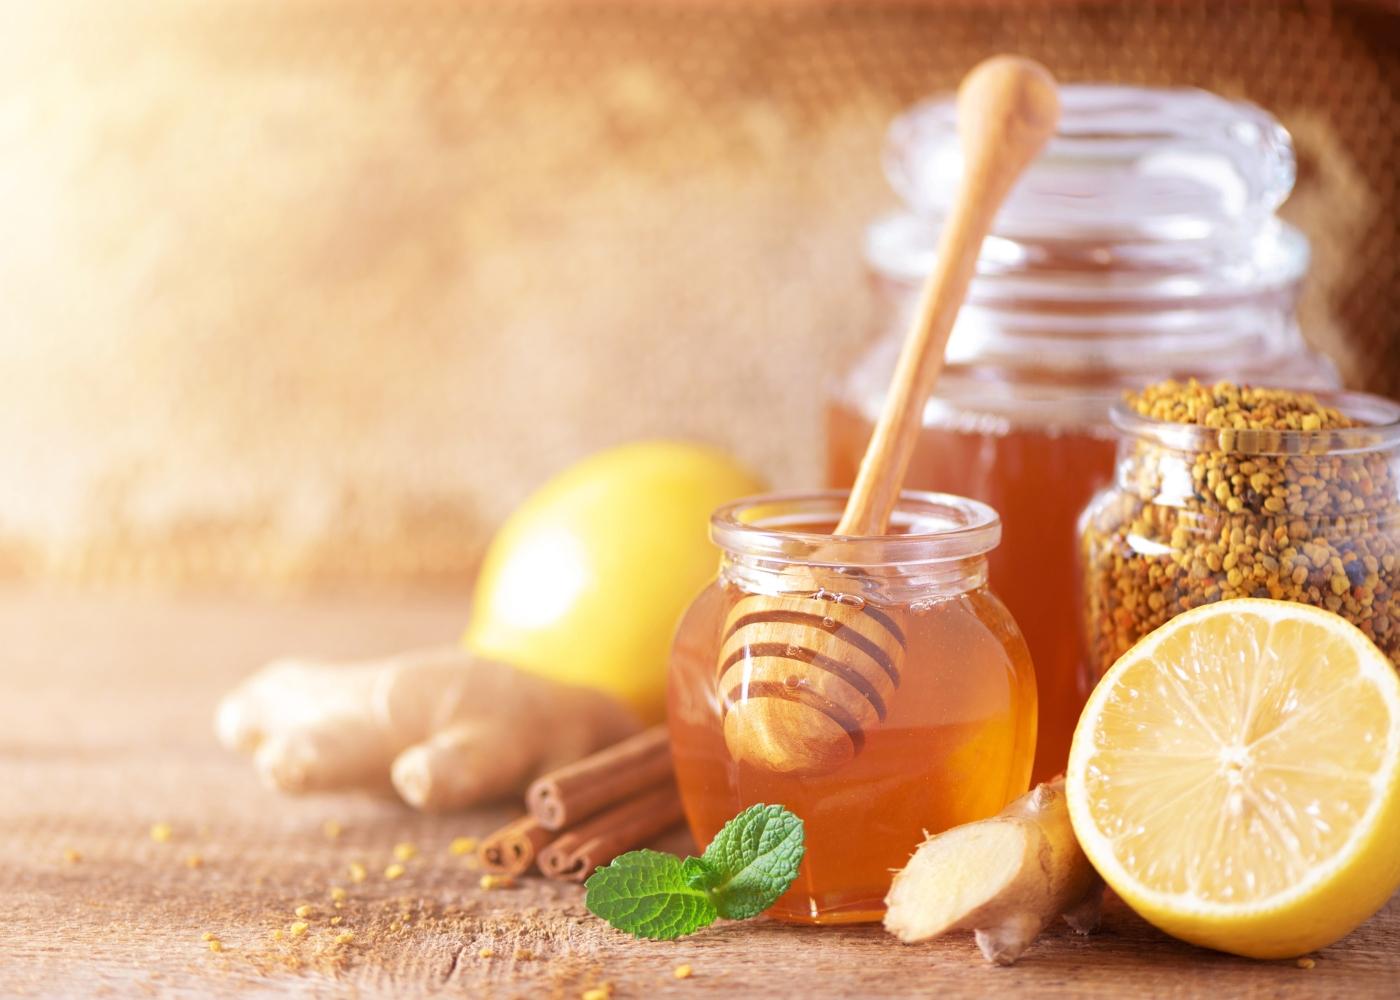 Frasco com mel em cima de mesa